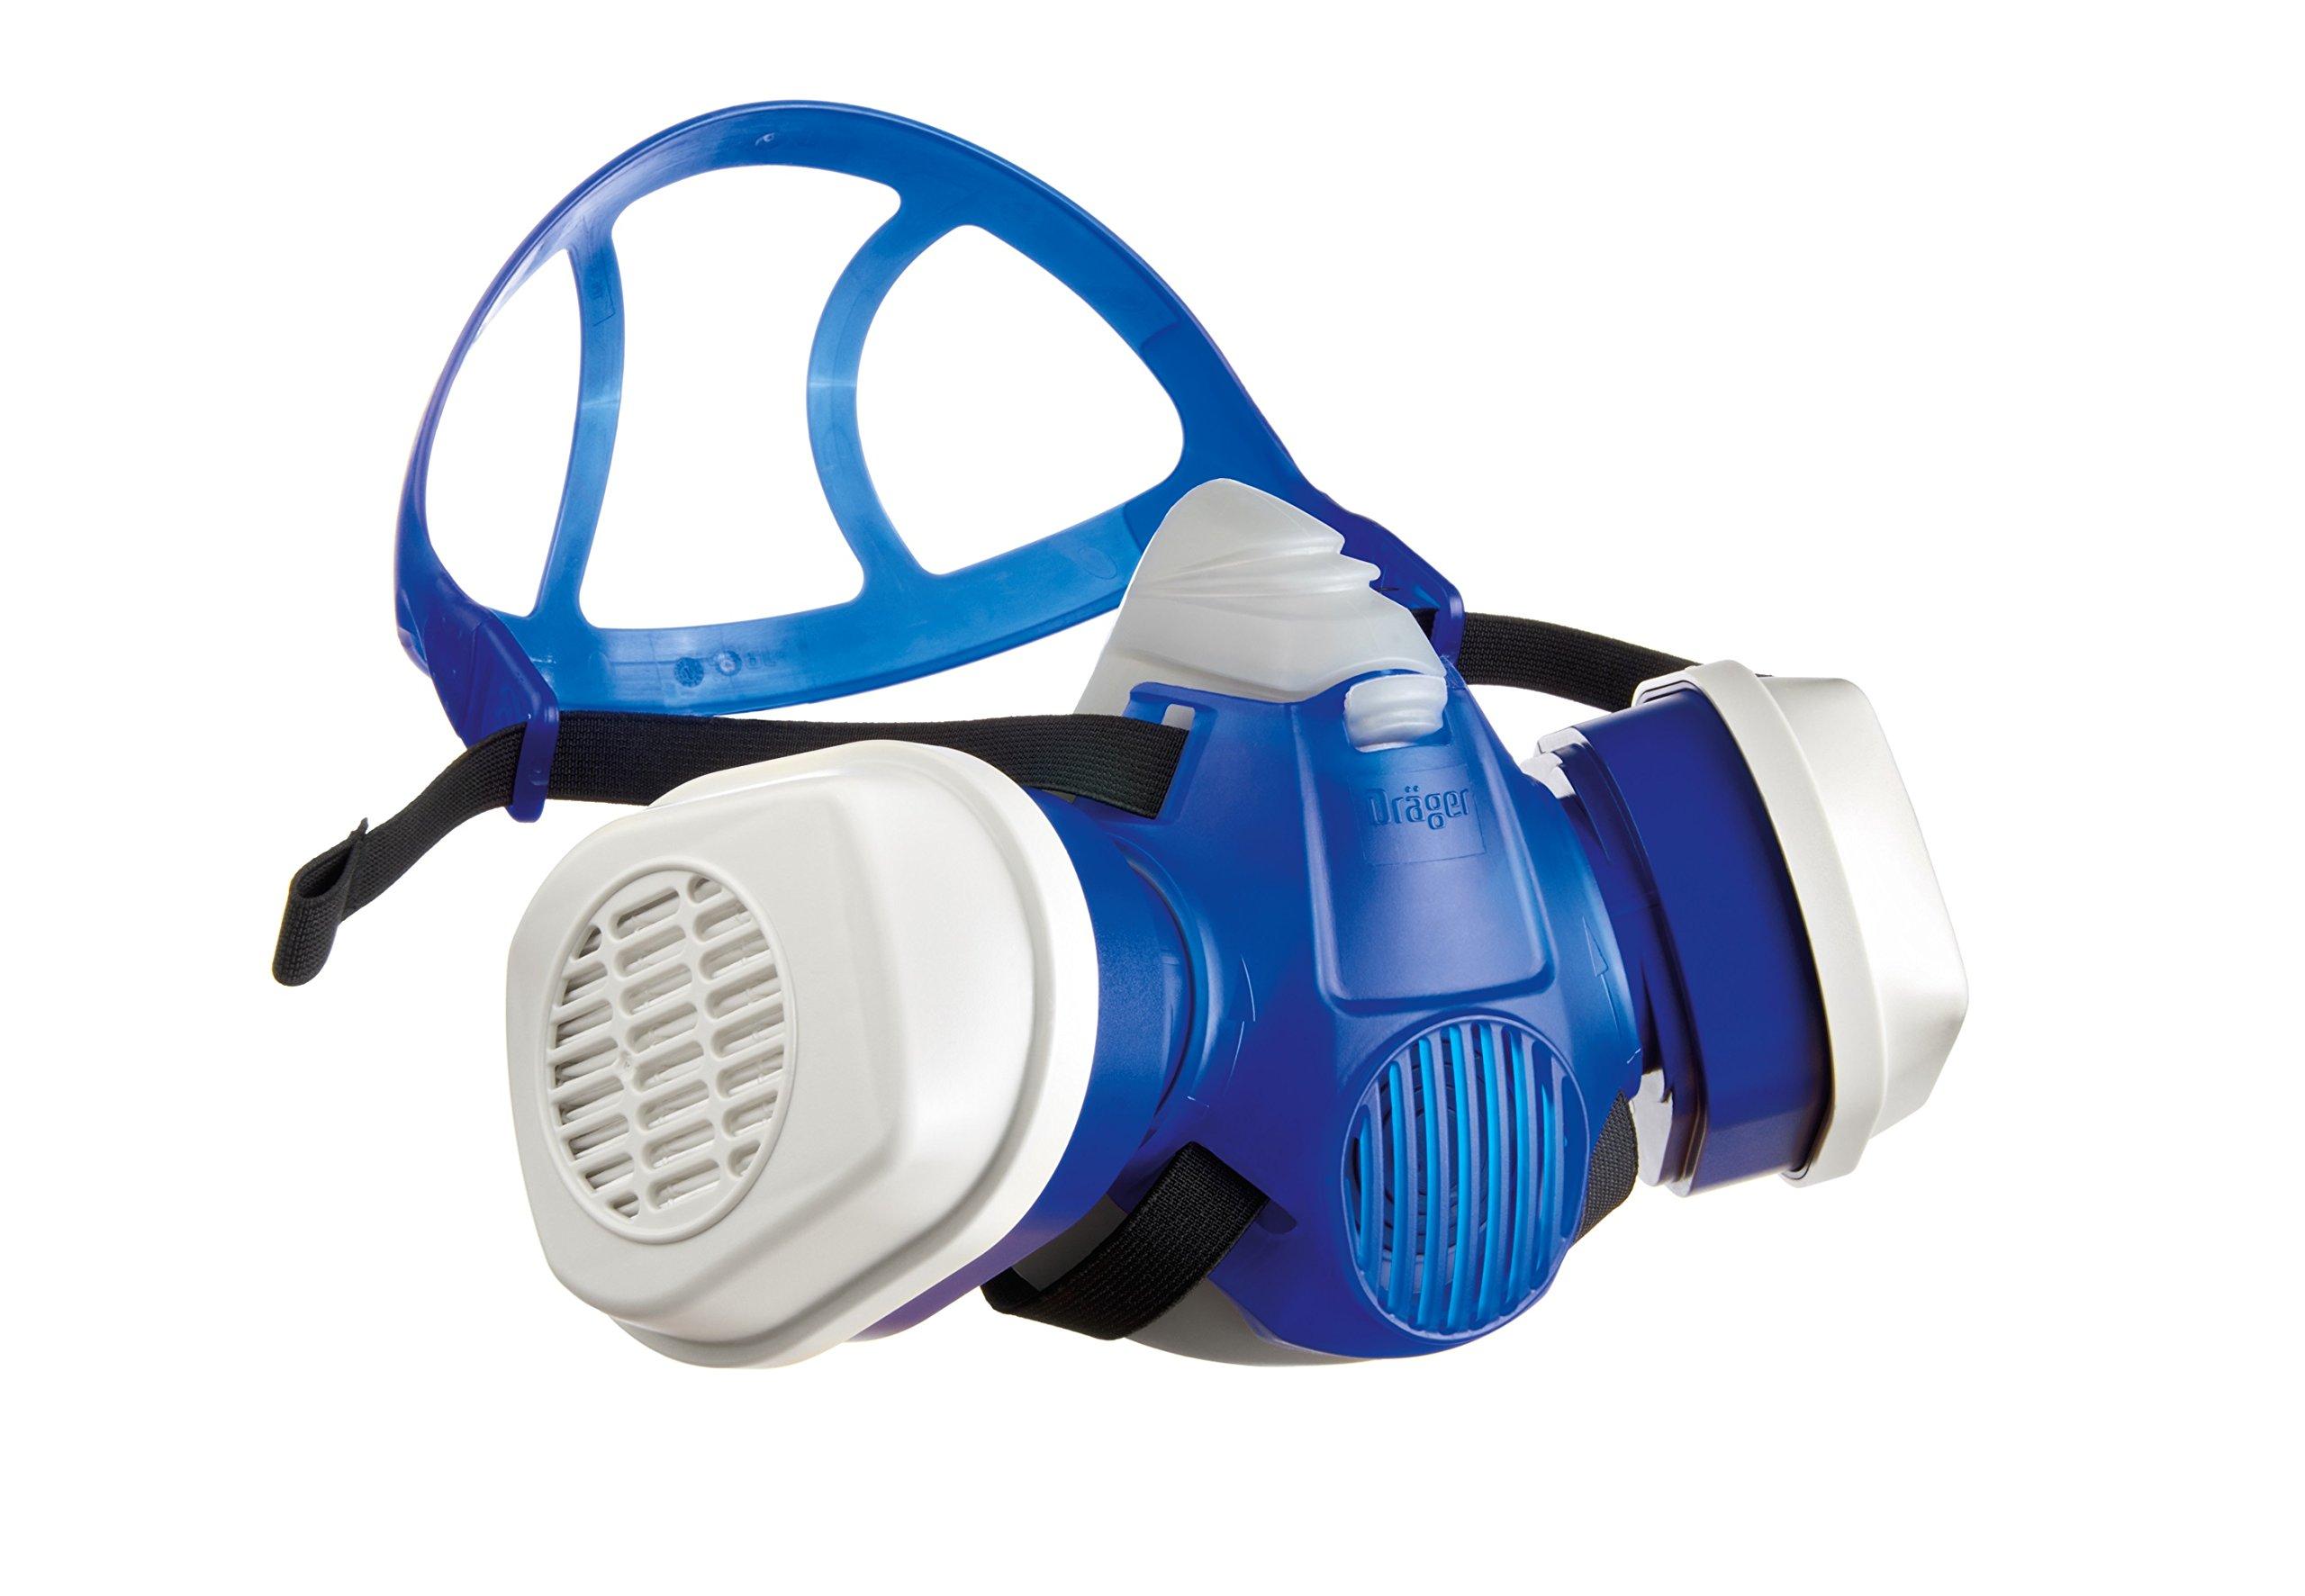 Kit respiratoire Dräger X-plore 3300® Demi-Masque Peinture avec filtres A2P3RD remplaçables adapté aux peintures solvants & polyuréthanes et aux poussières - Taille M product image